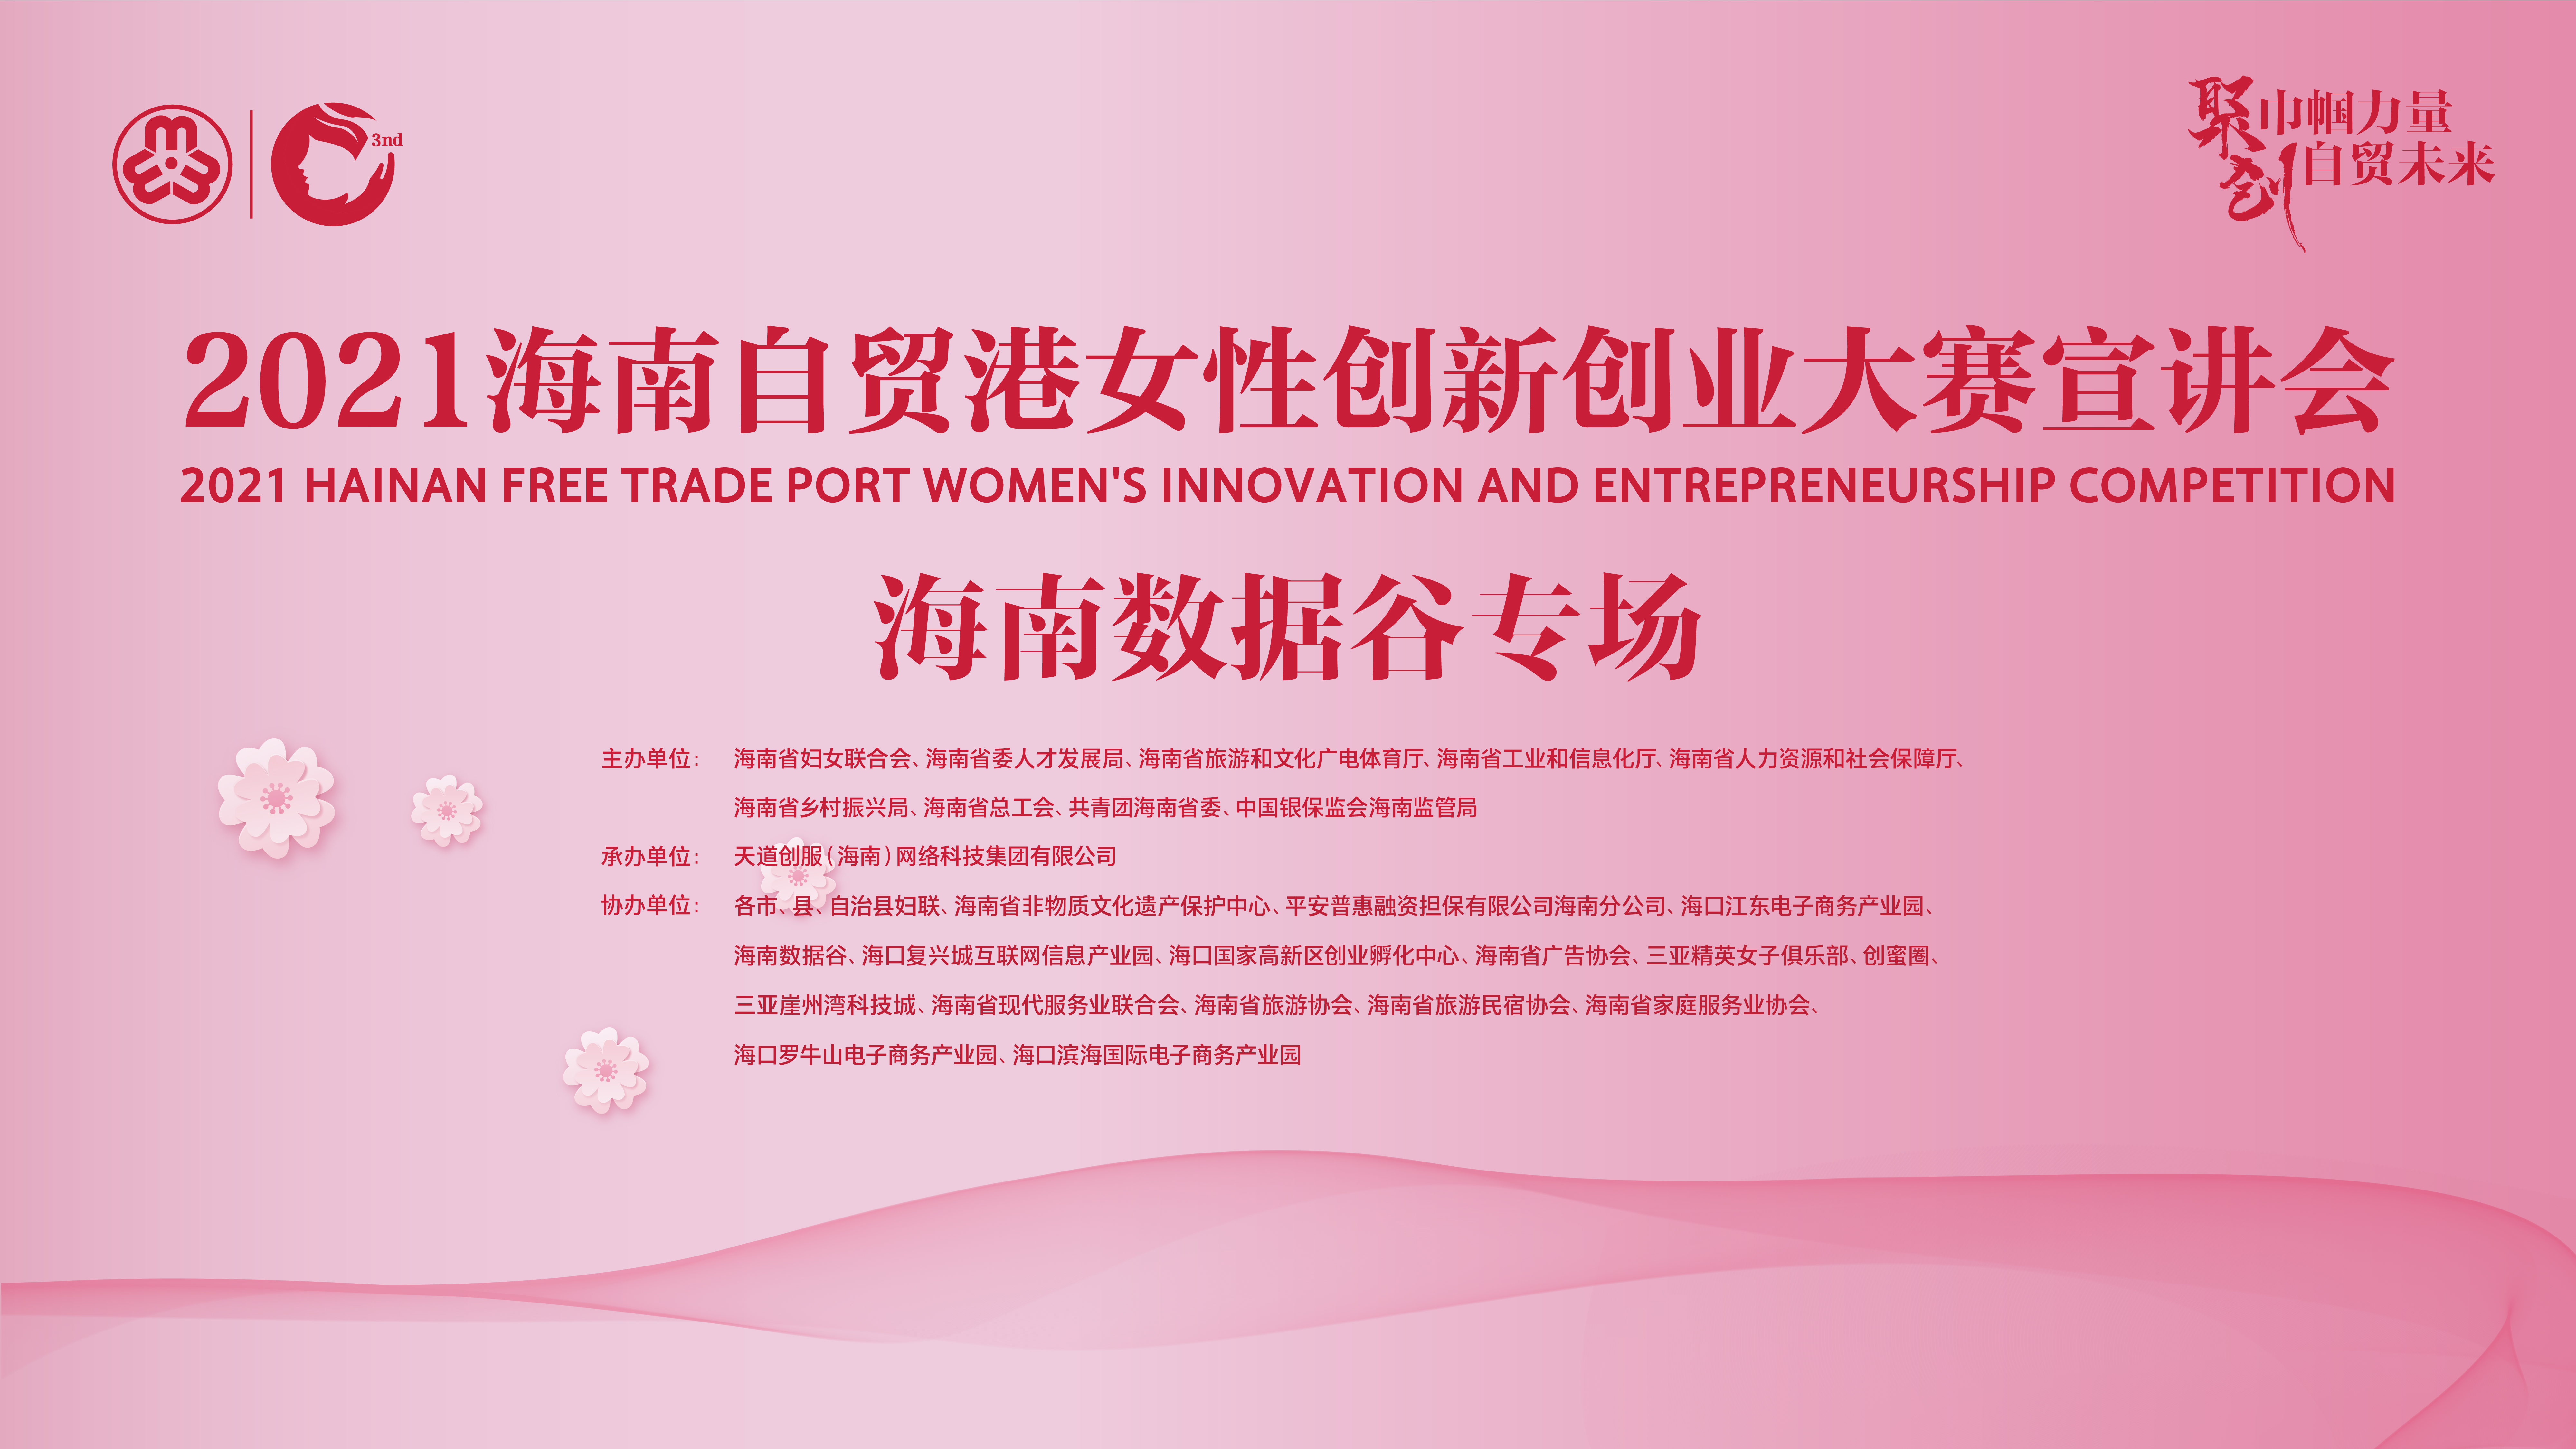 2021海南自贸港女性创新创业大赛宣讲会-海南数据谷专场